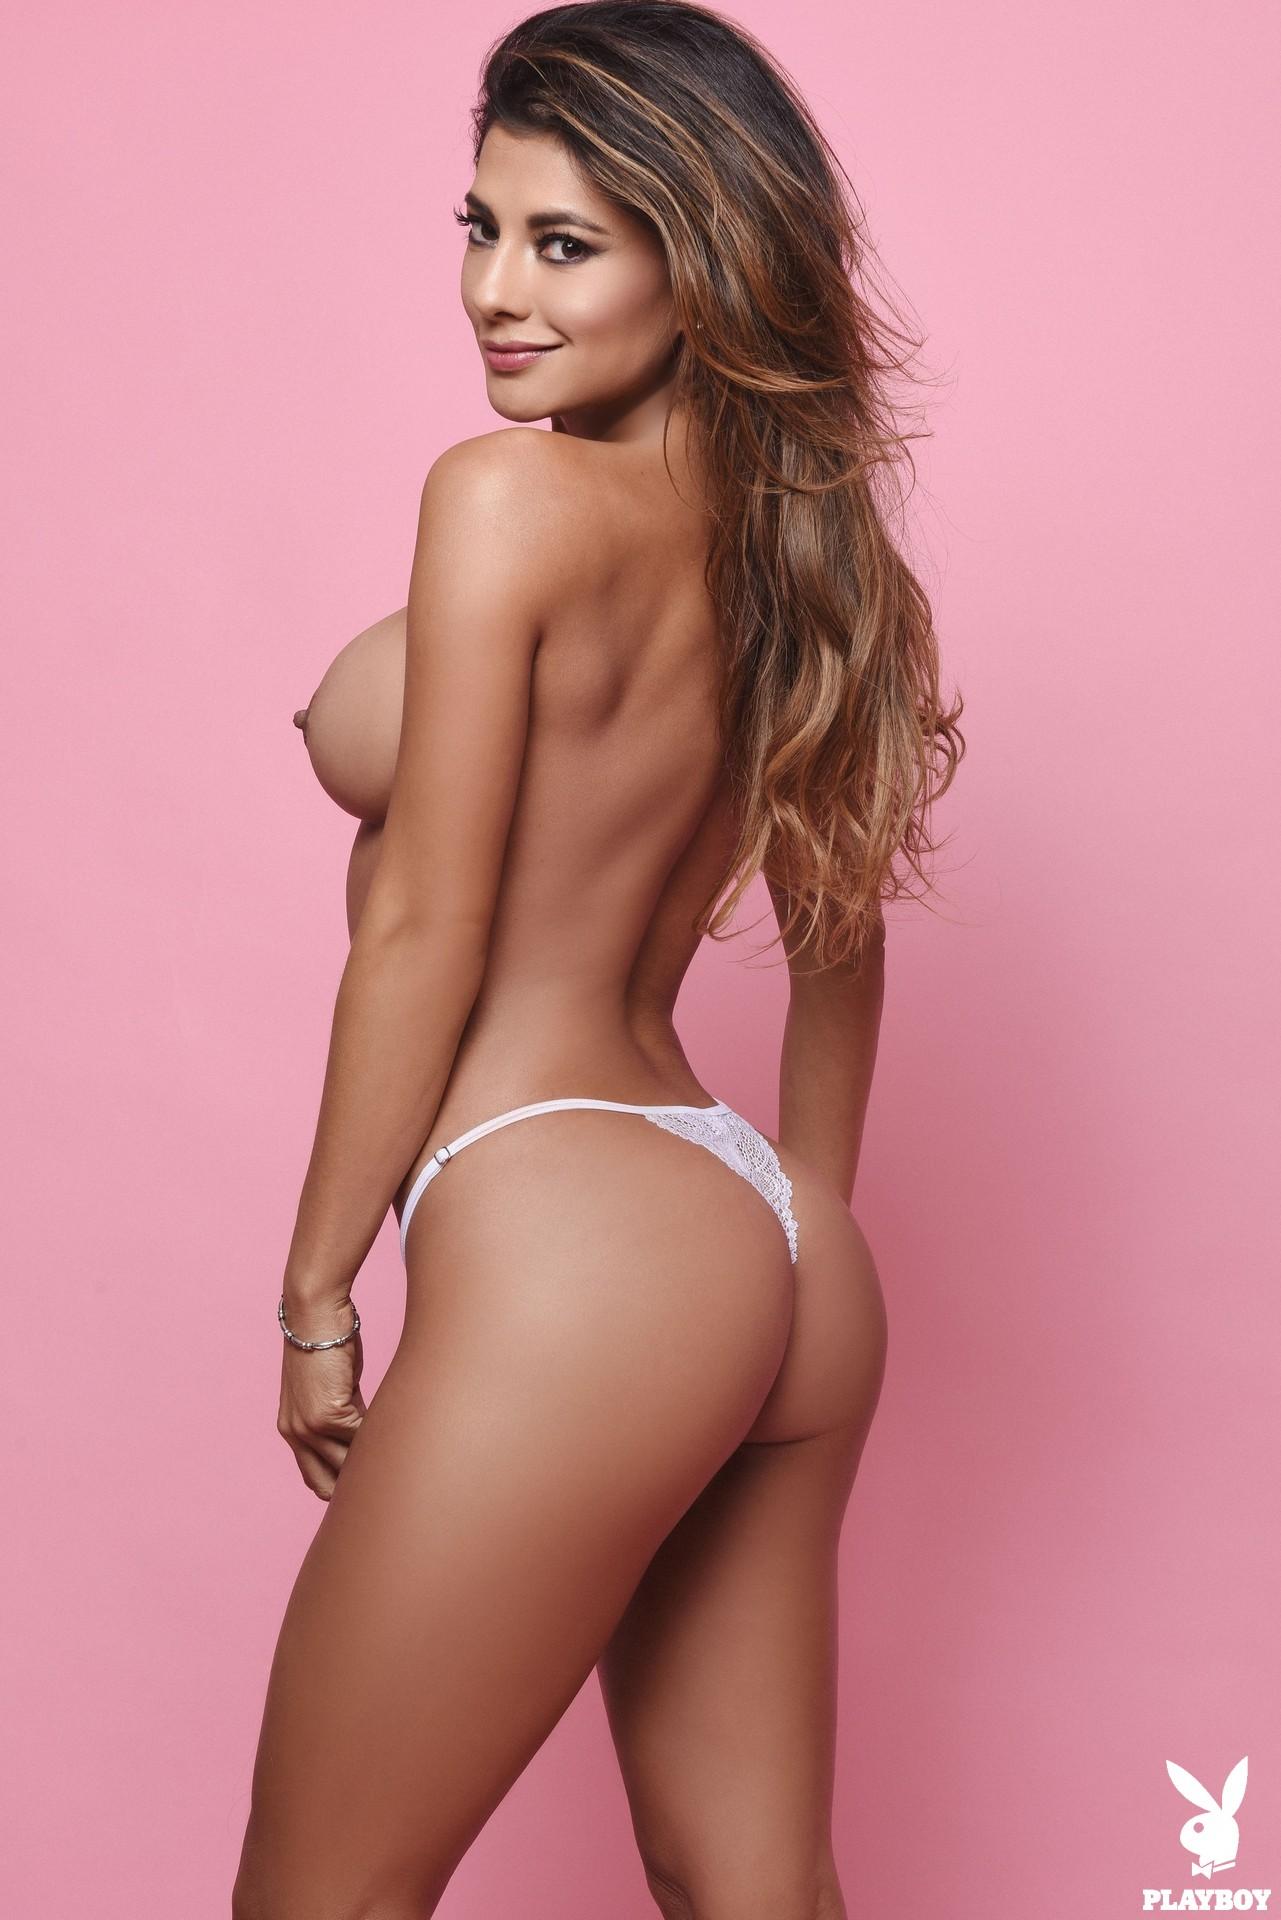 Viviana Castrillón in Playboy Mexico 2